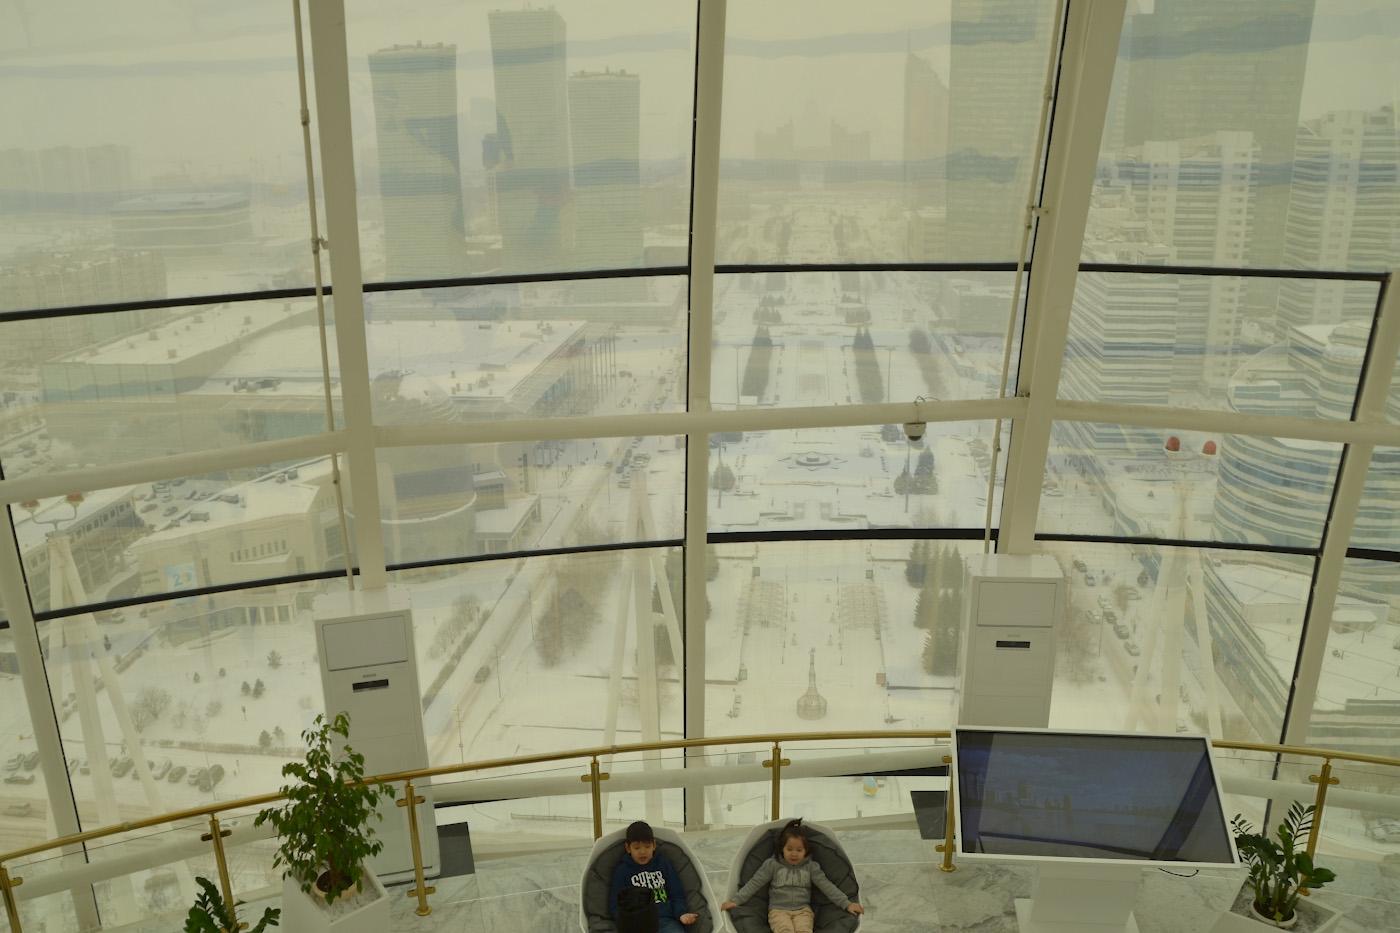 Фотография 8. Вид на бульвар Нуржол в центре Астаны из башни Байтерек. Отзыв туристов о путешествии на Мальдивы через Казахстан. 1/200, 7.1, 100, 55.